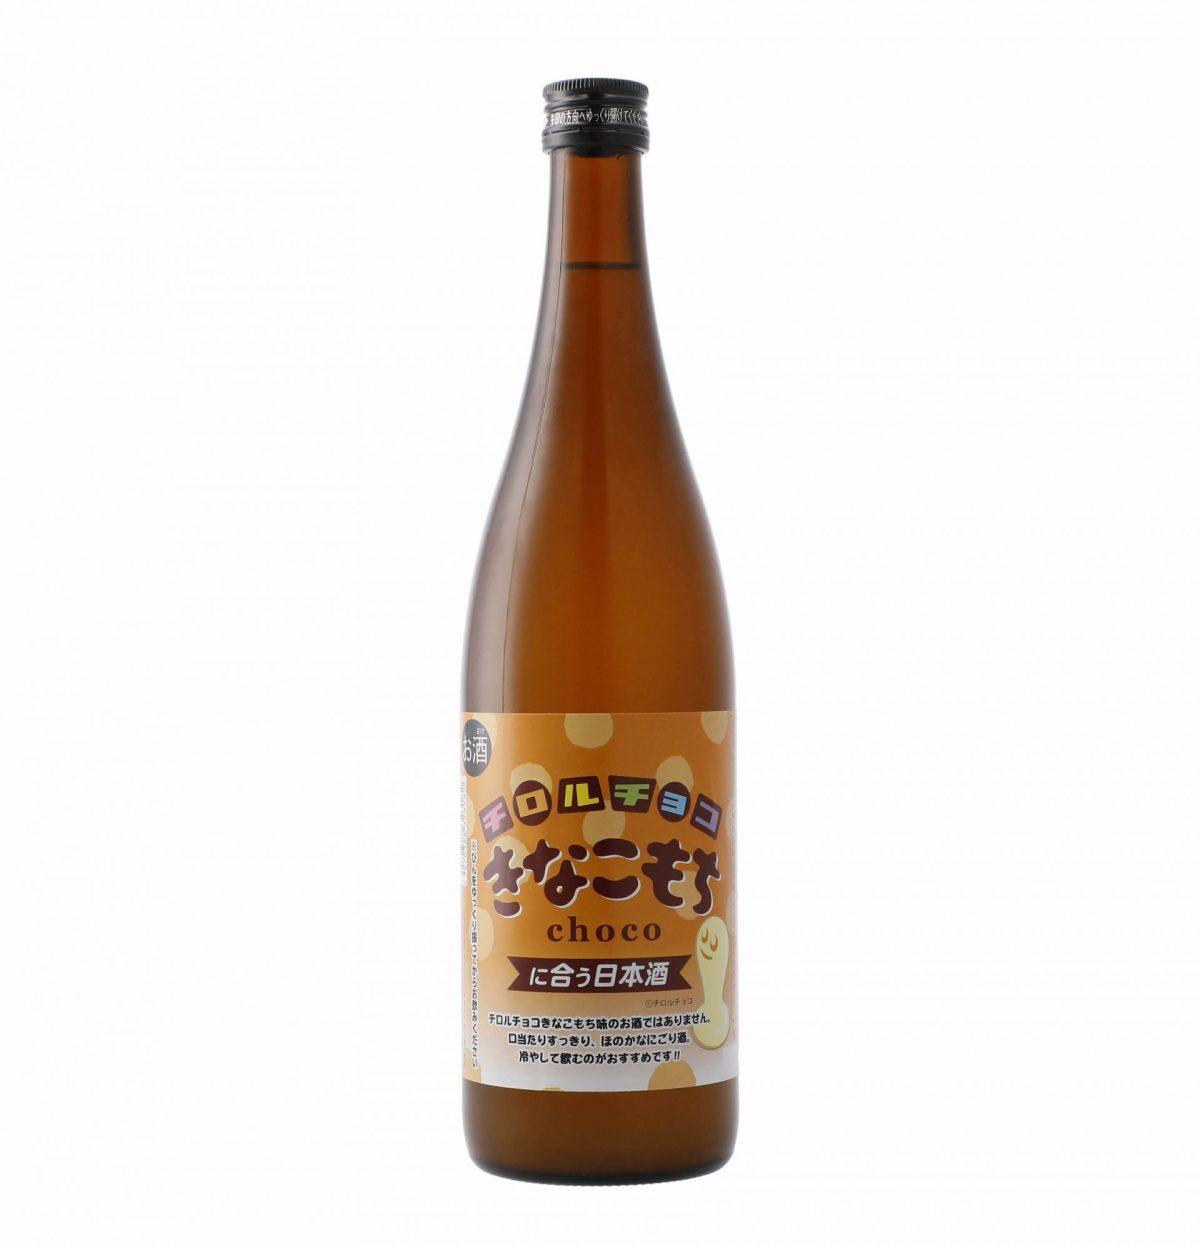 チロルチョコきなこもち似合う日本酒